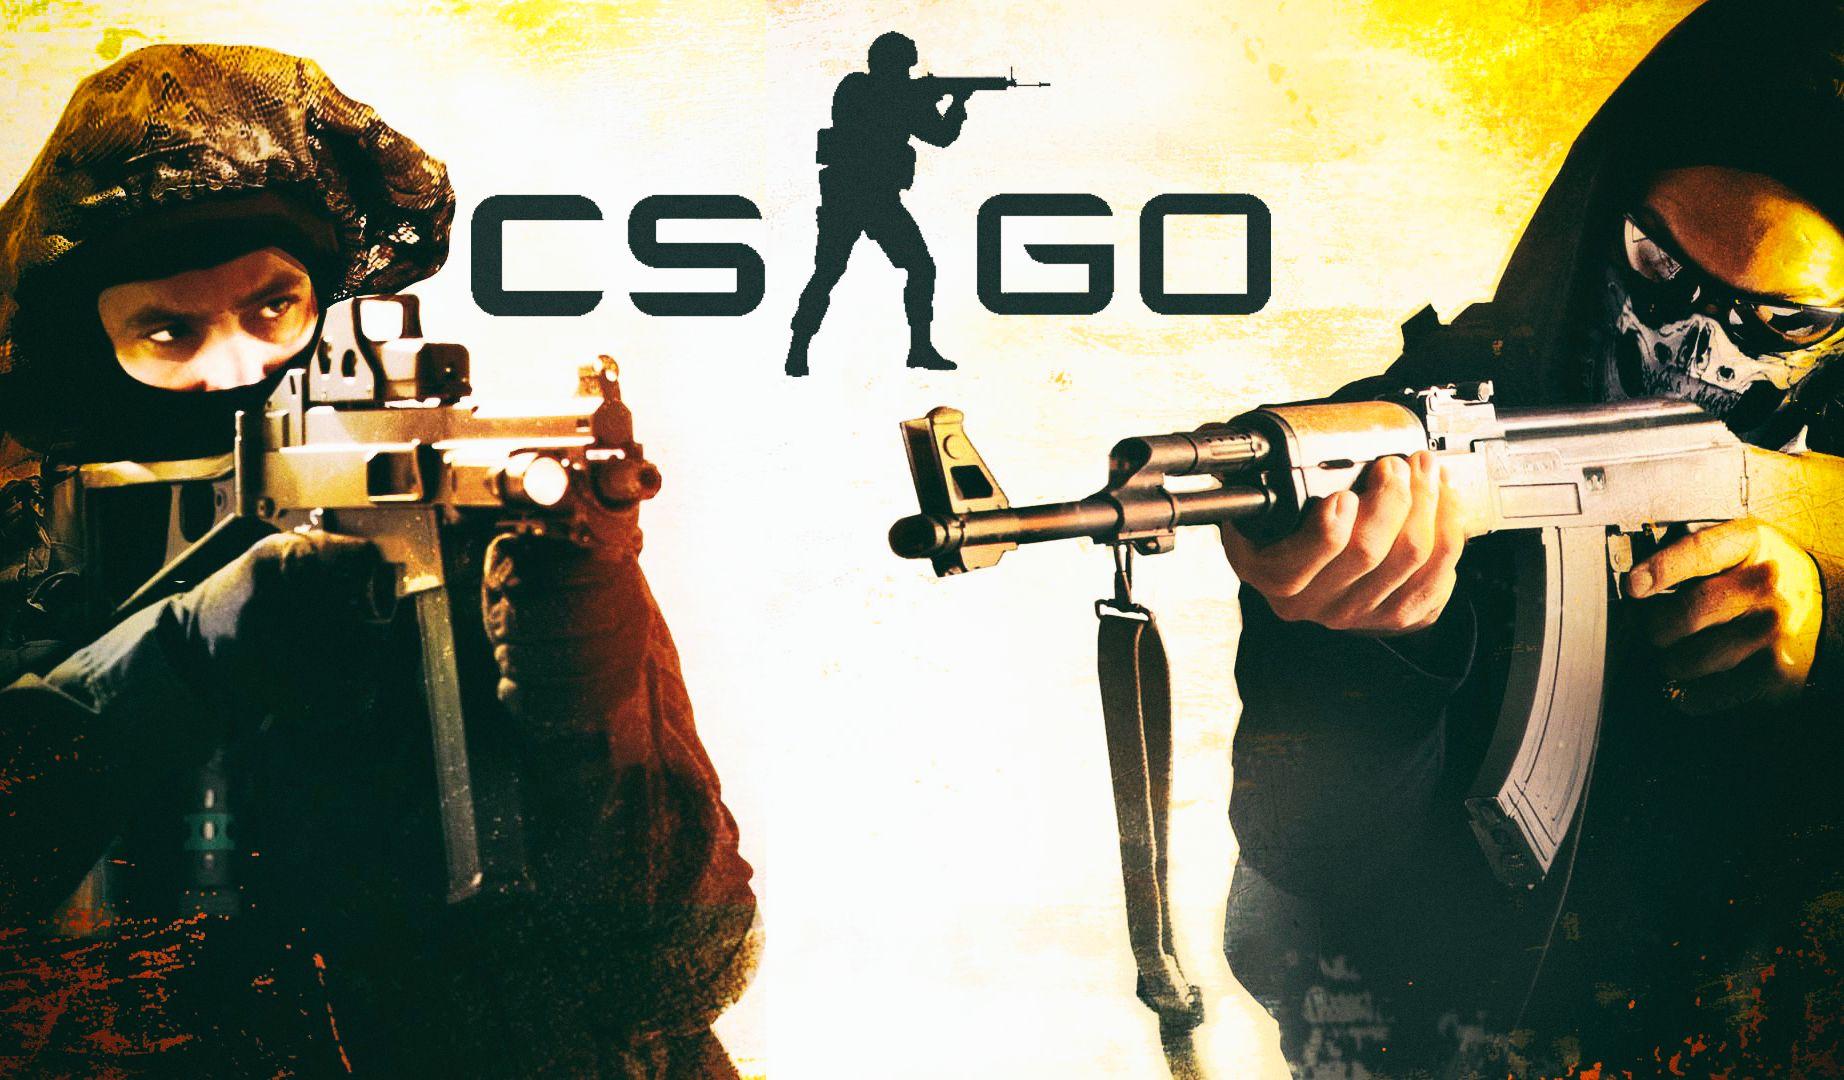 Аналитик FaZe прокомментировал обновление для CS:GO